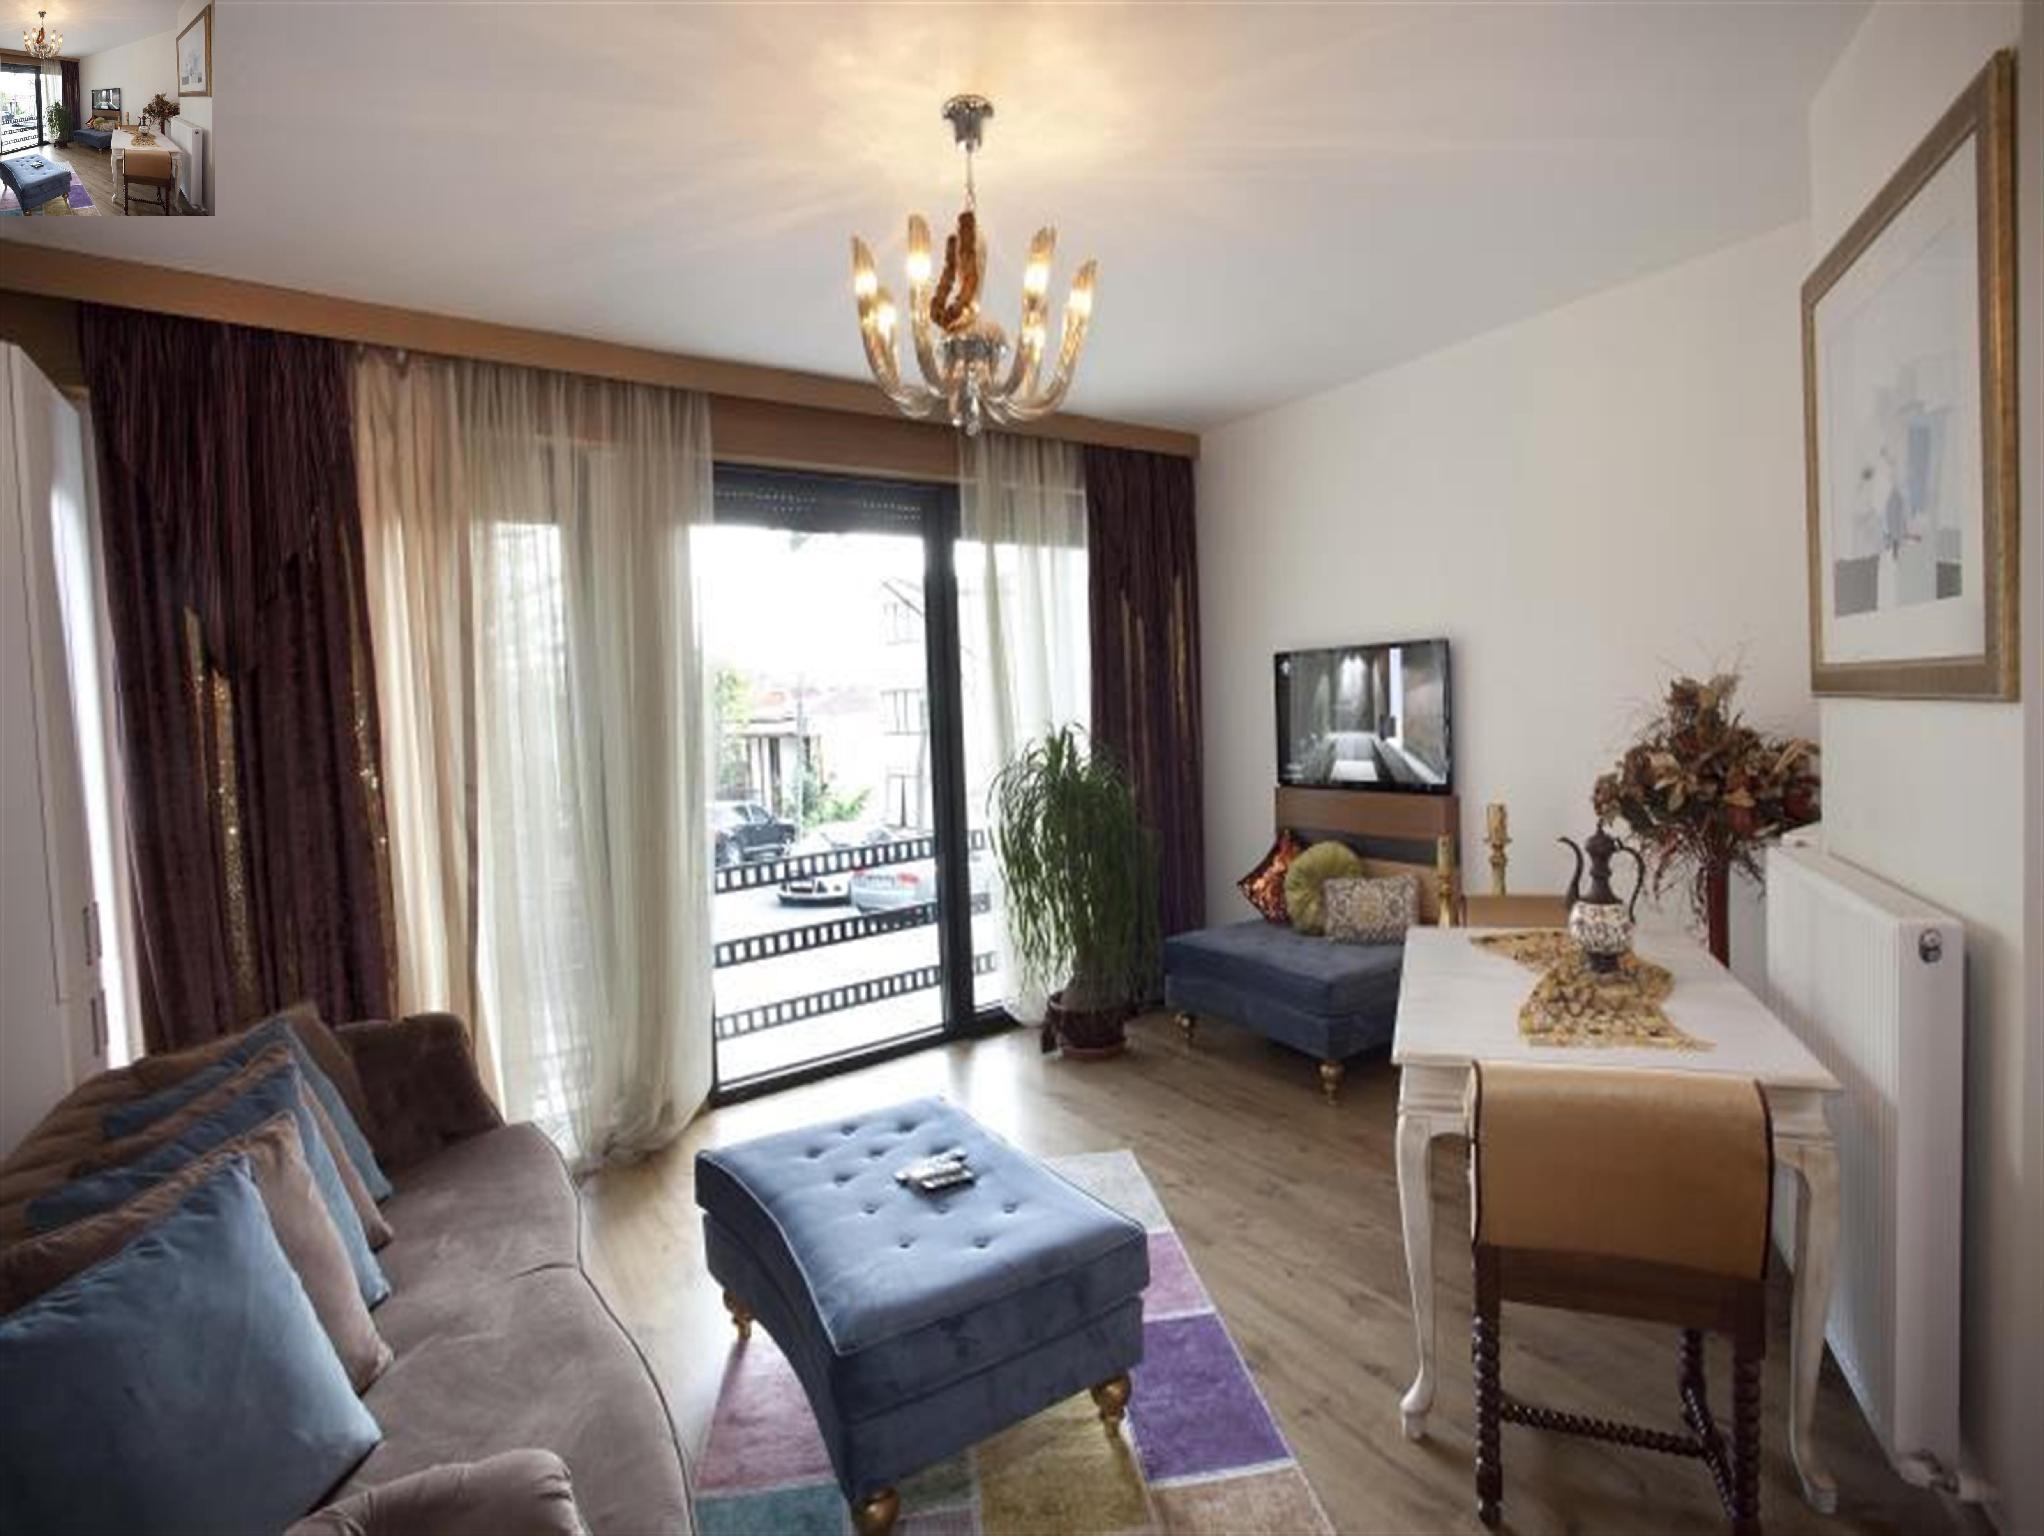 Wilitton Bosphorus House